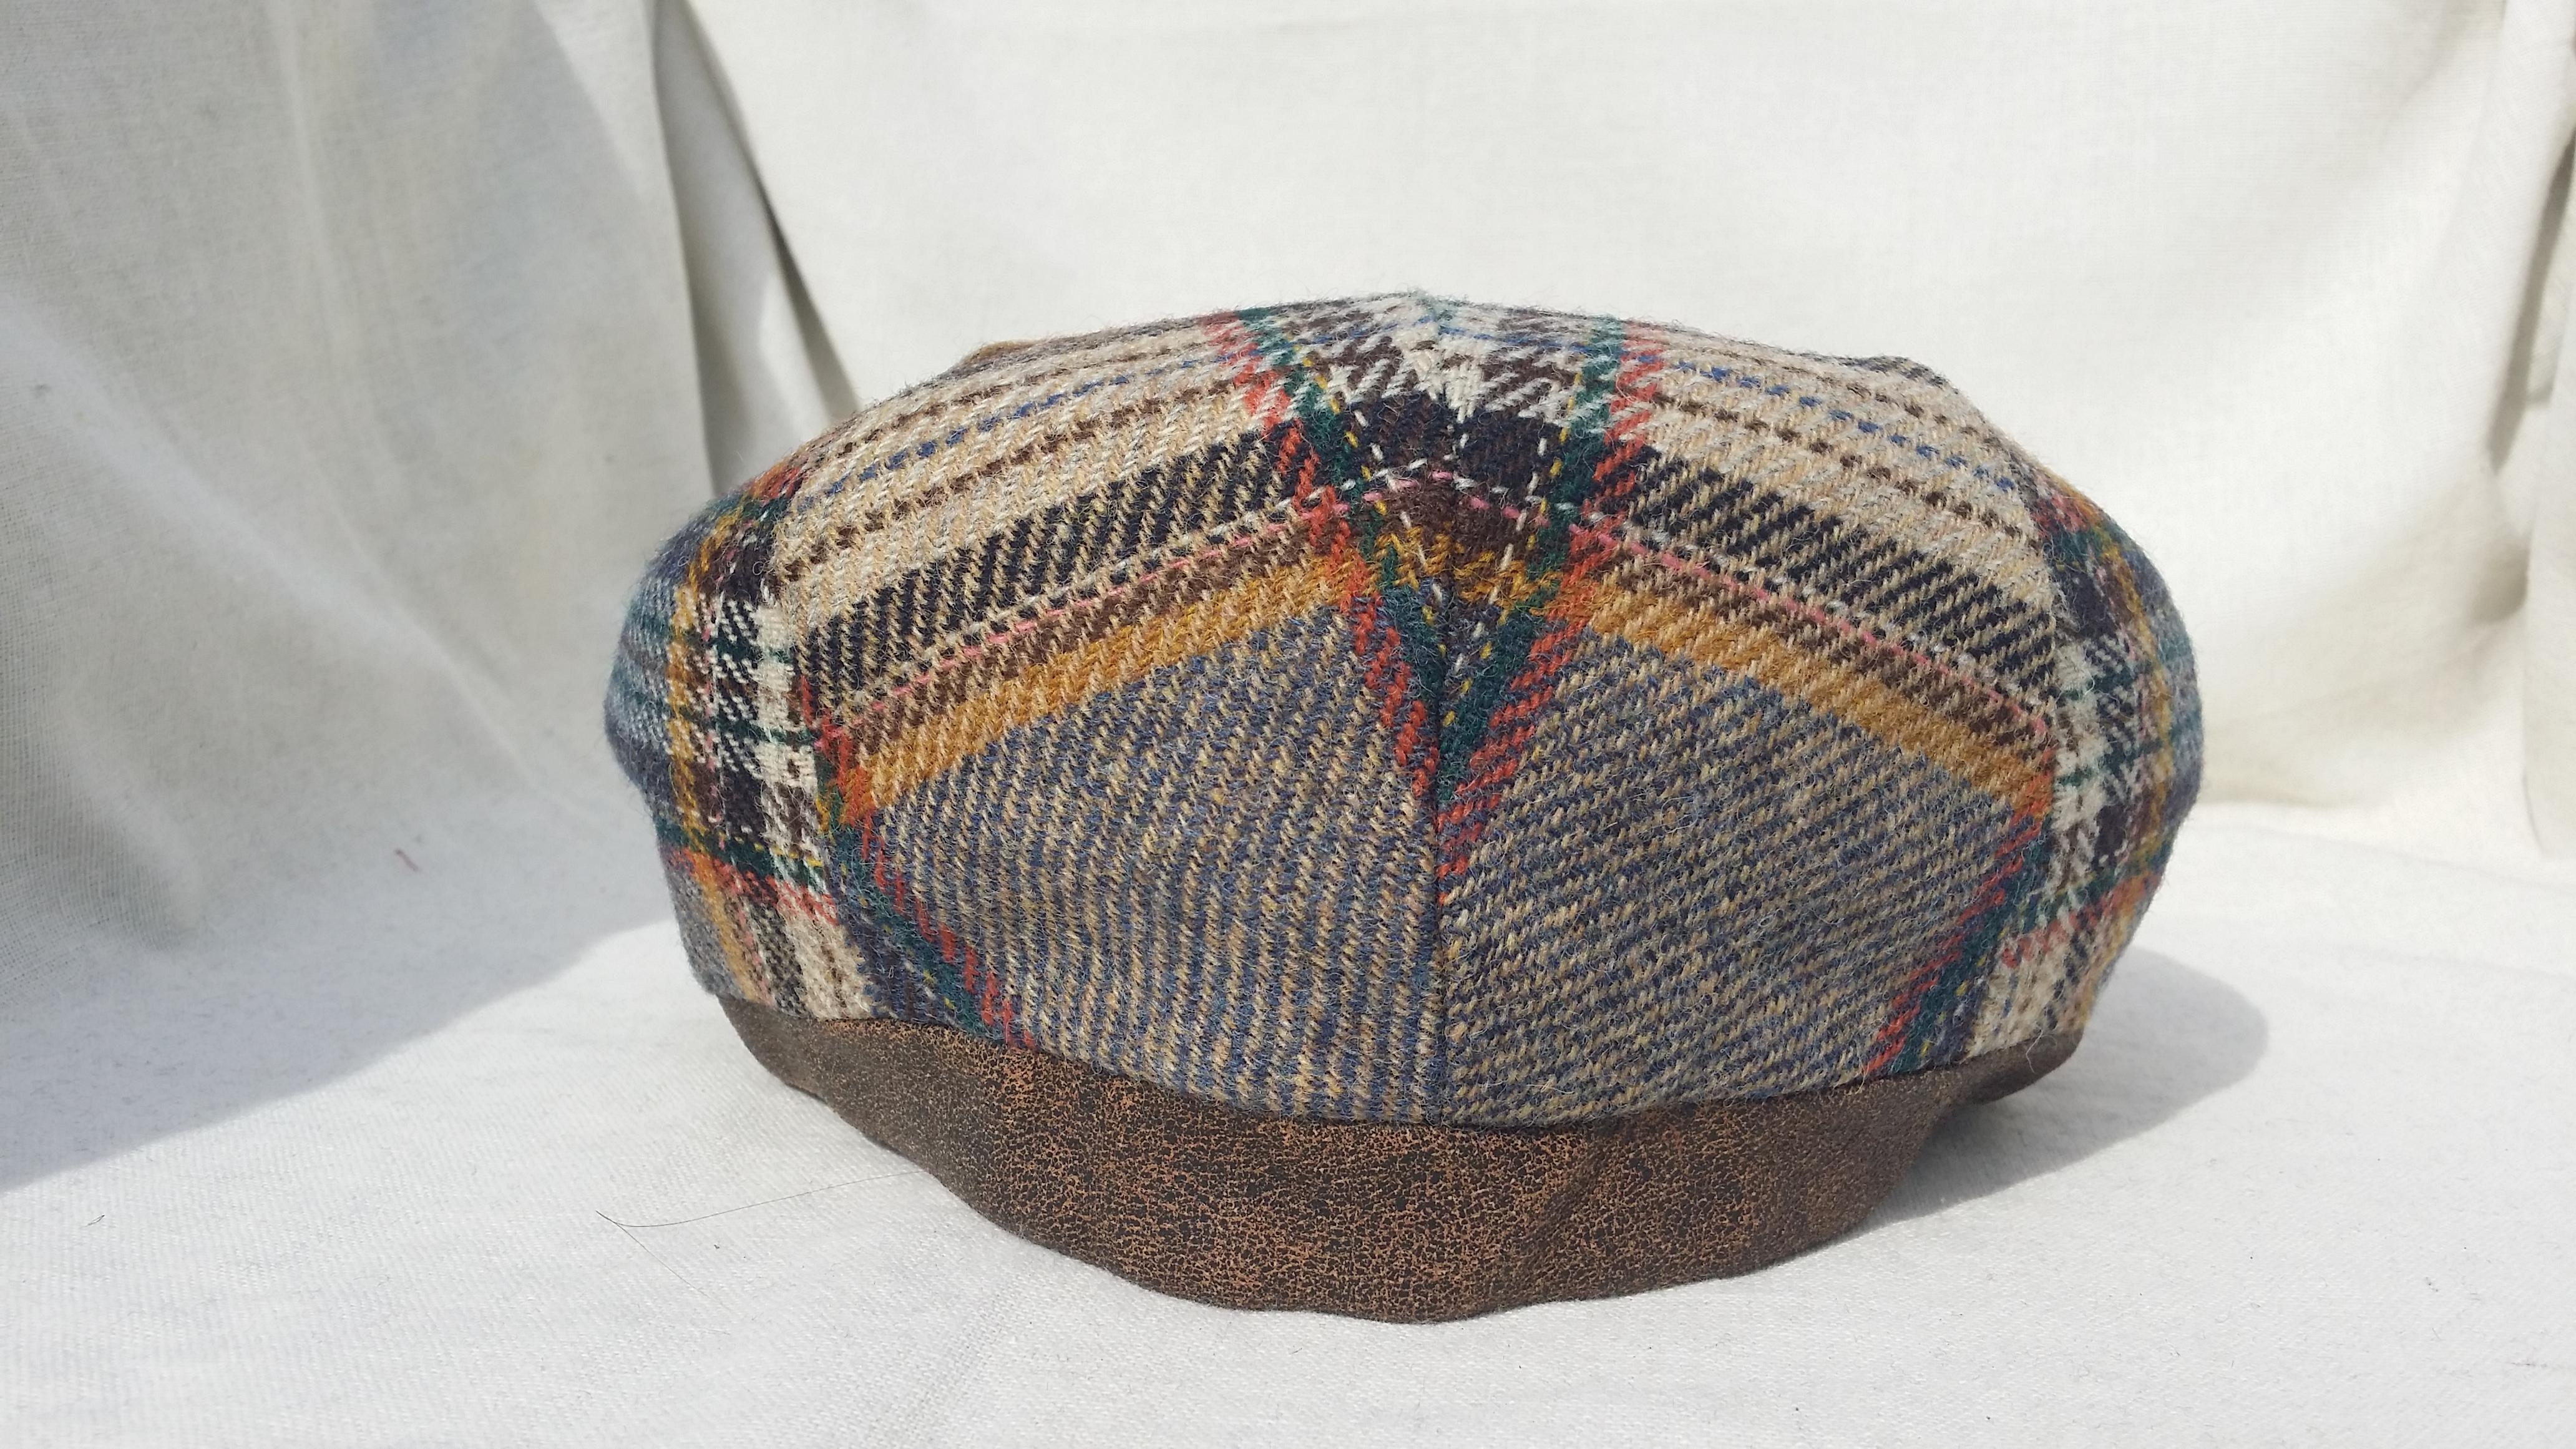 casquette plate en laine vierge et cuir emilia bristol. Black Bedroom Furniture Sets. Home Design Ideas